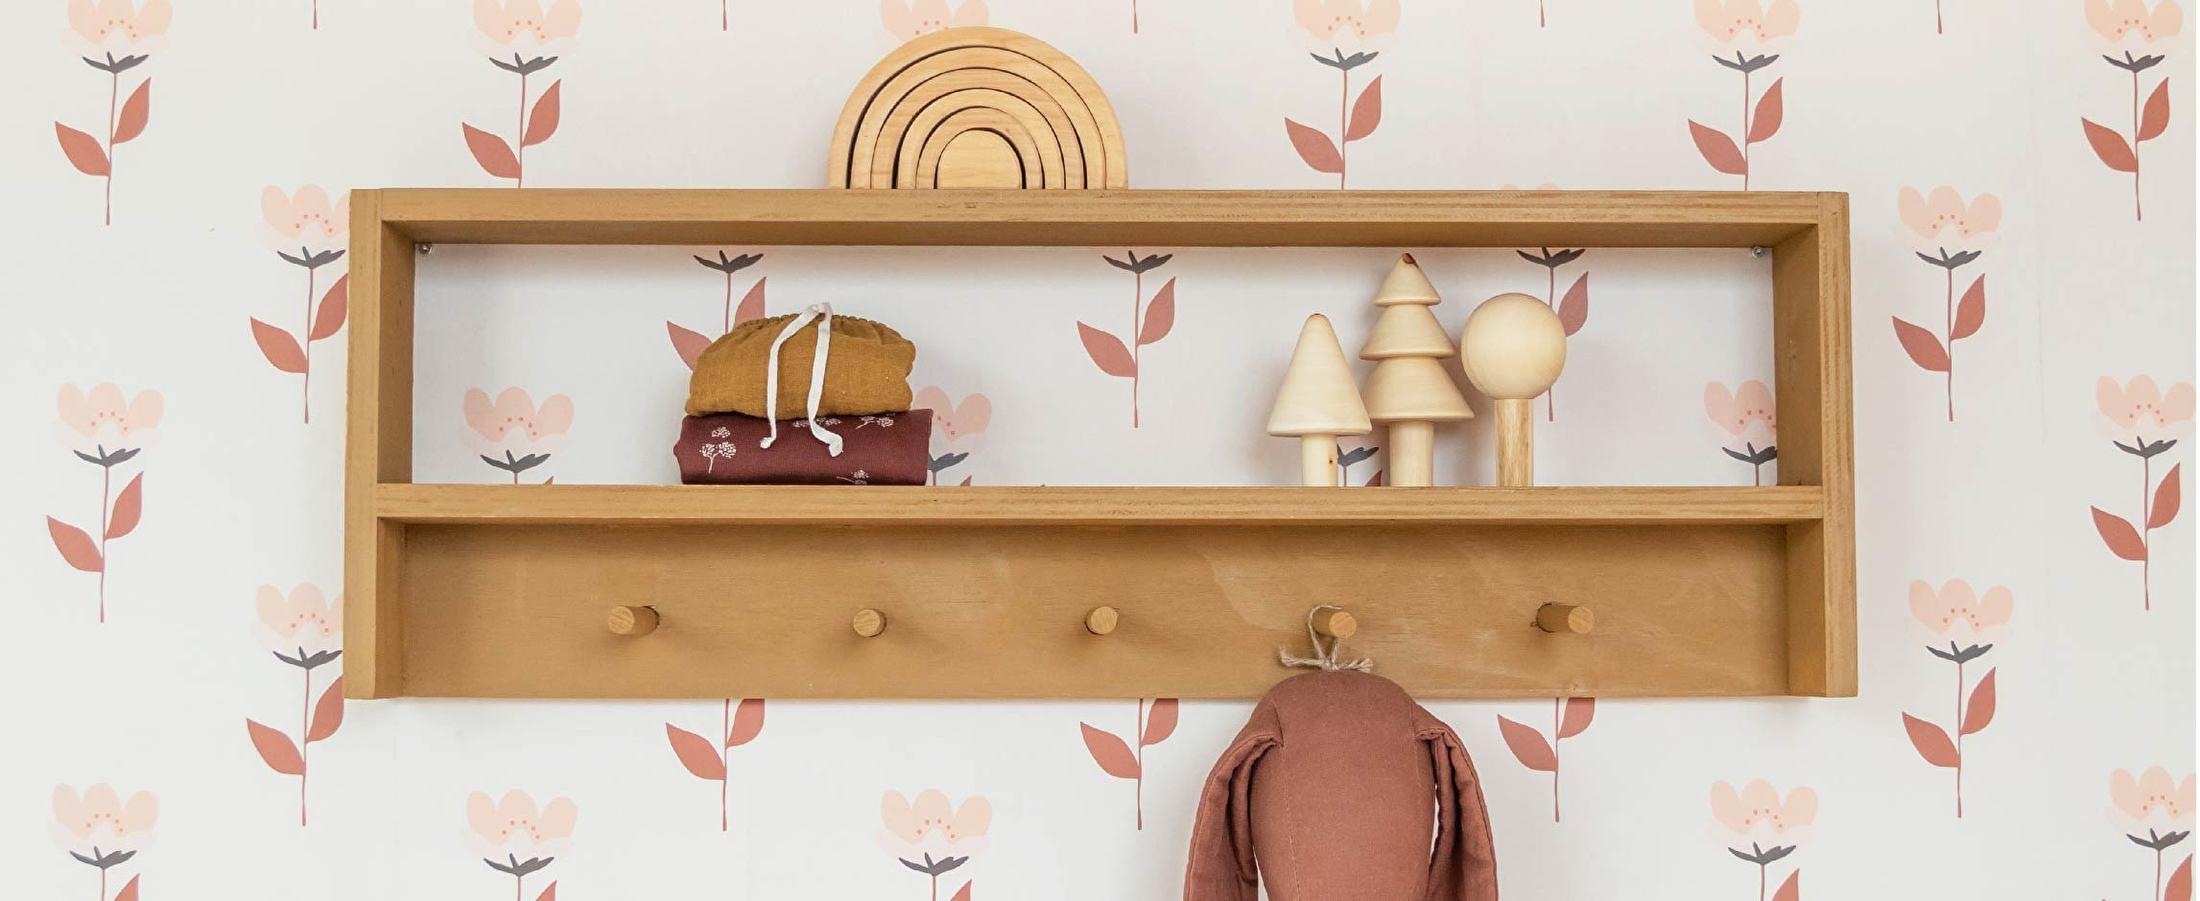 Ongekend Kinderkamer behang   Vliesbehang voor jongen en meisje   Bibelotte PY-03